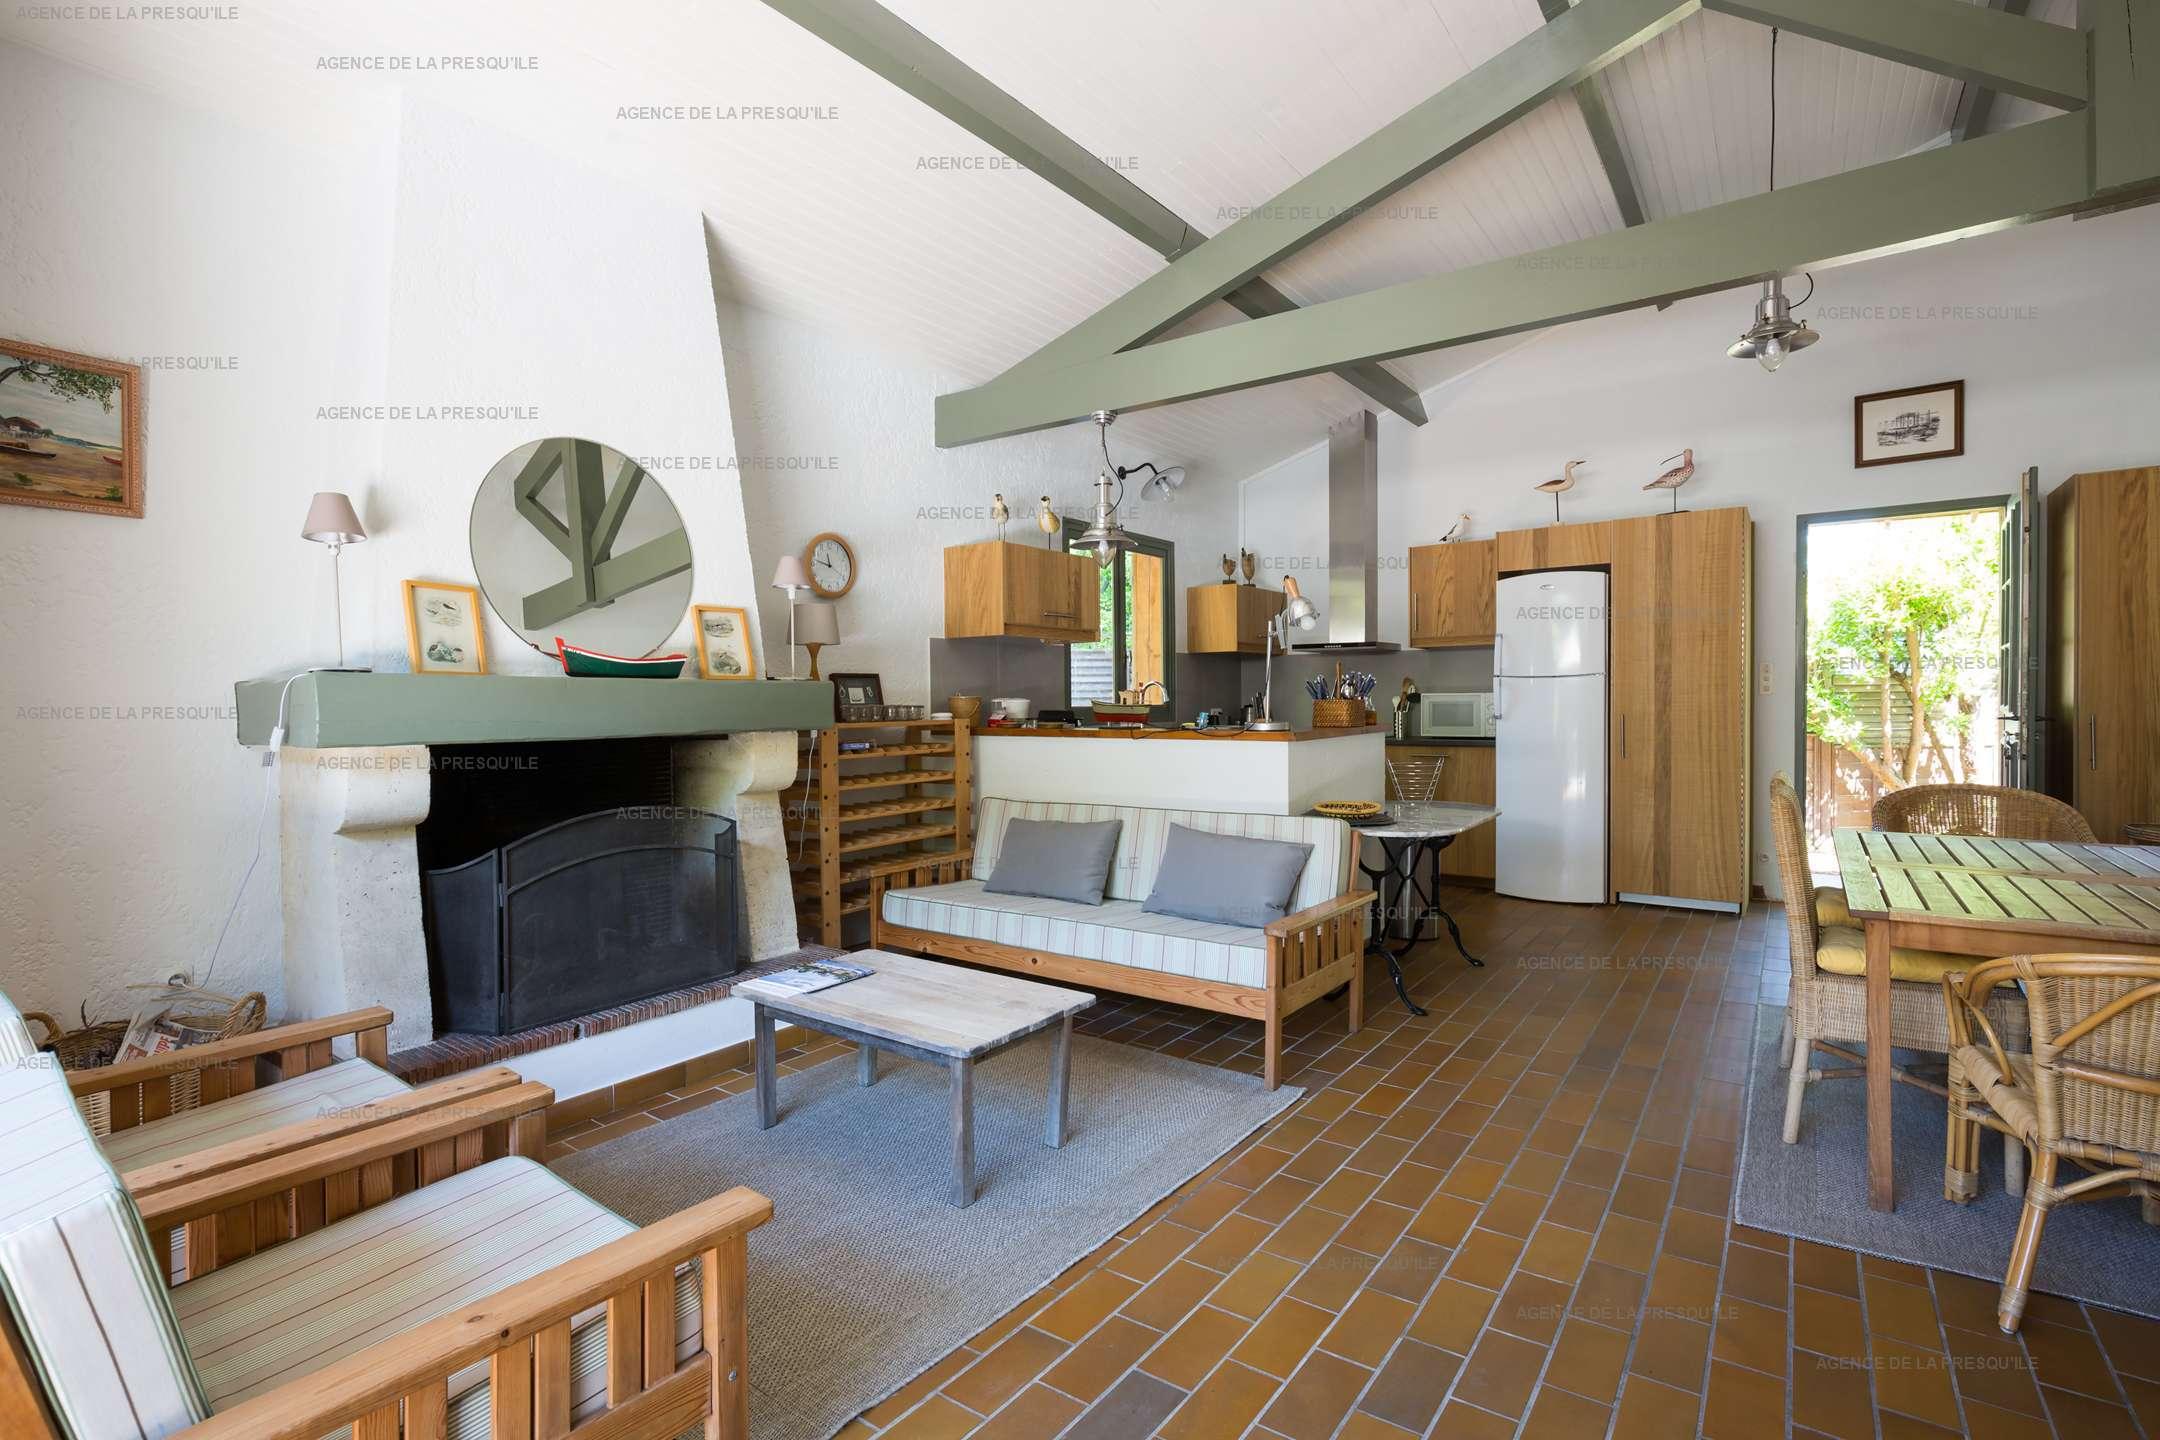 Location: Très agréable villa située au mimbeau 3